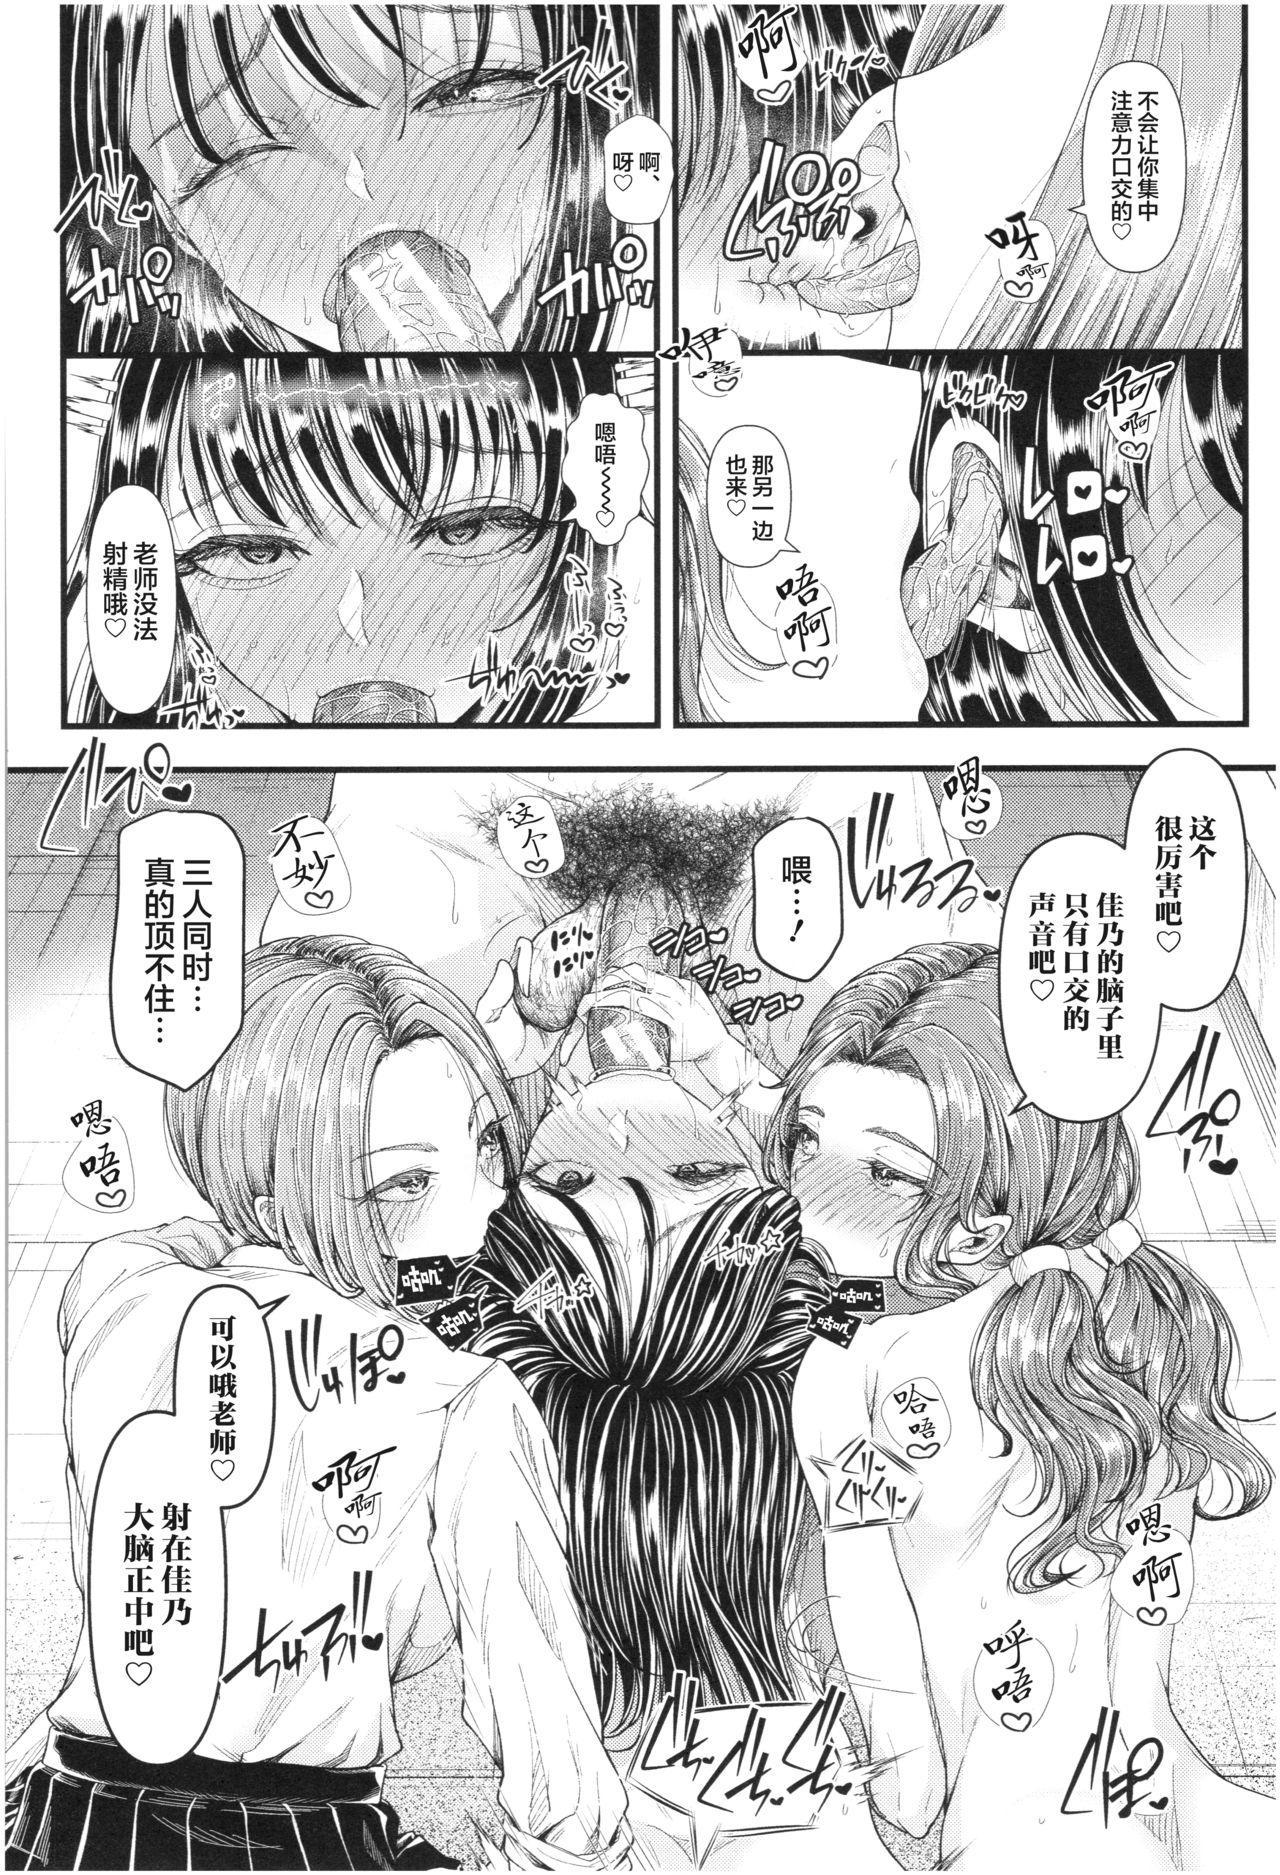 [Aoyama Denchi] Sannenkan no Aoi Haru ~Mesugaki nanka ni Zettai Makenai Sensei~卒業[Chinese]【不可视汉化】 9